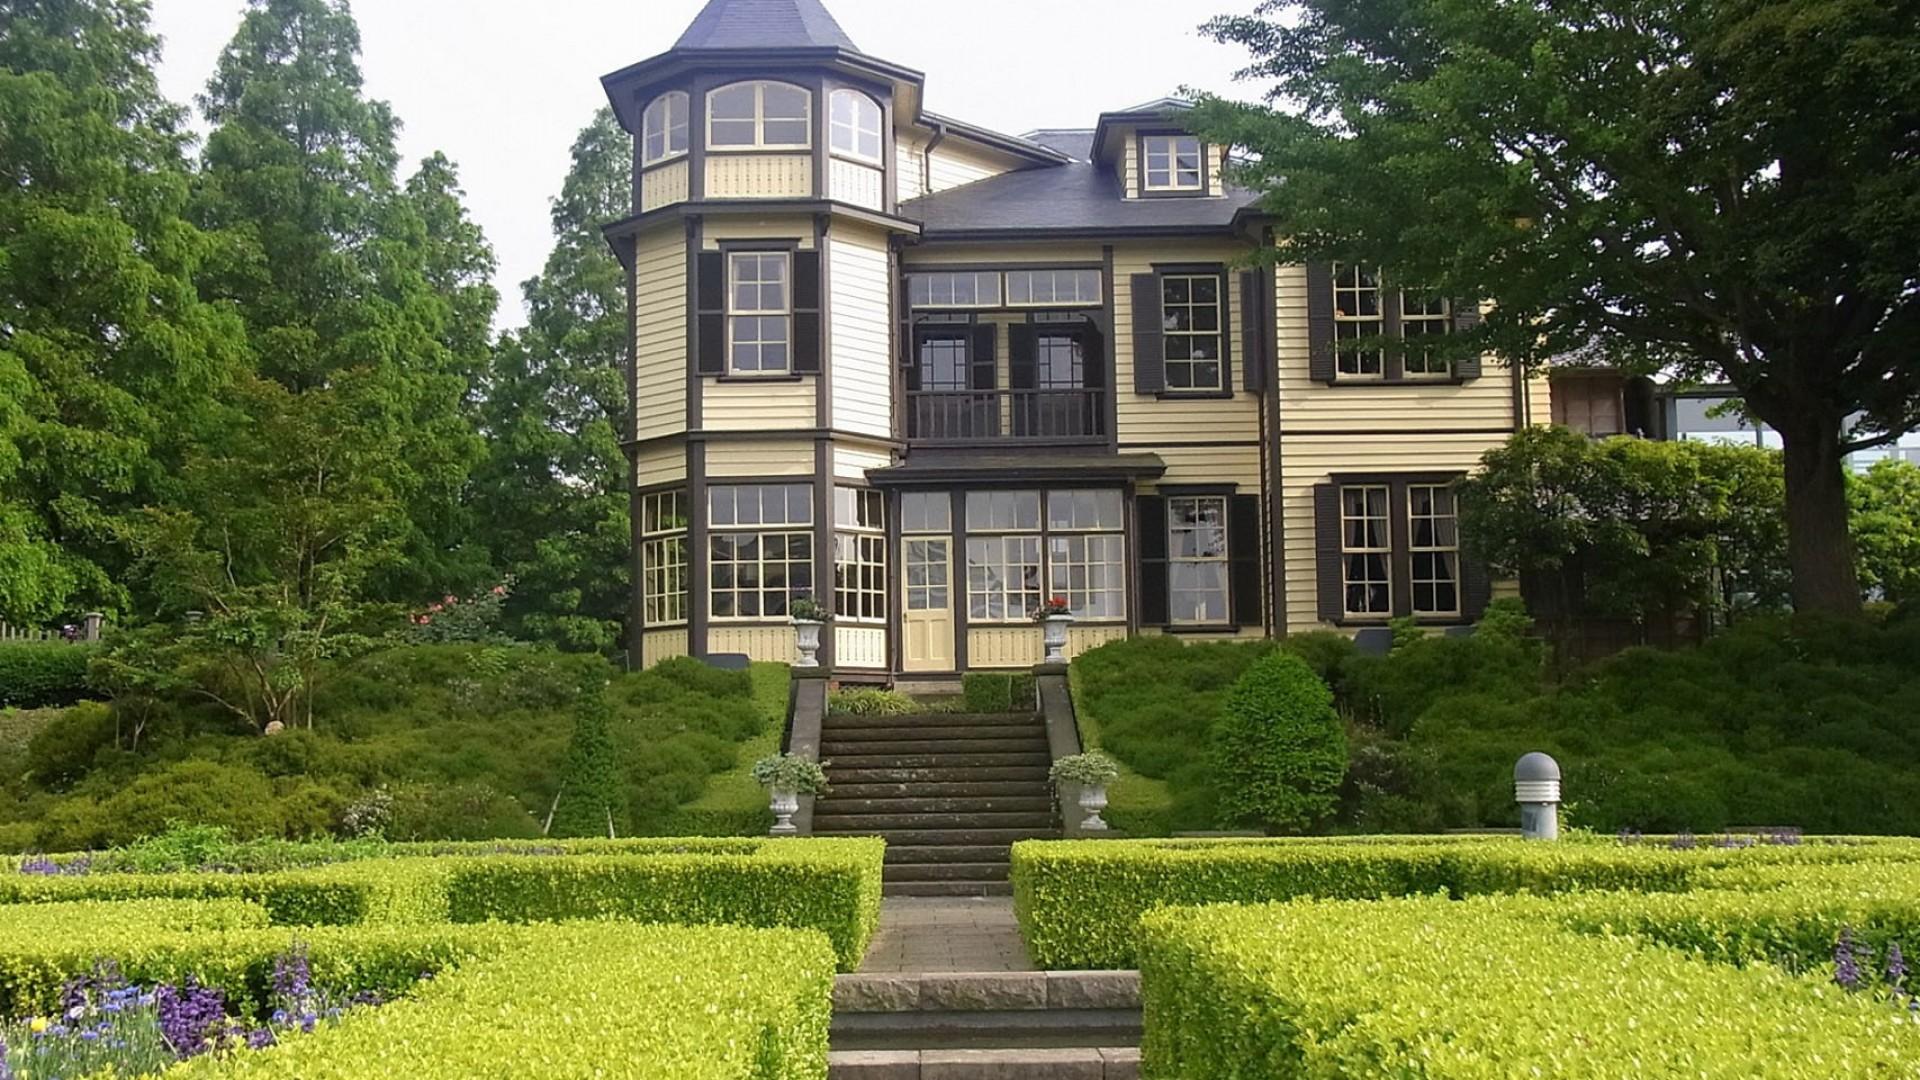 Nhà ở của một nhà ngoại giao